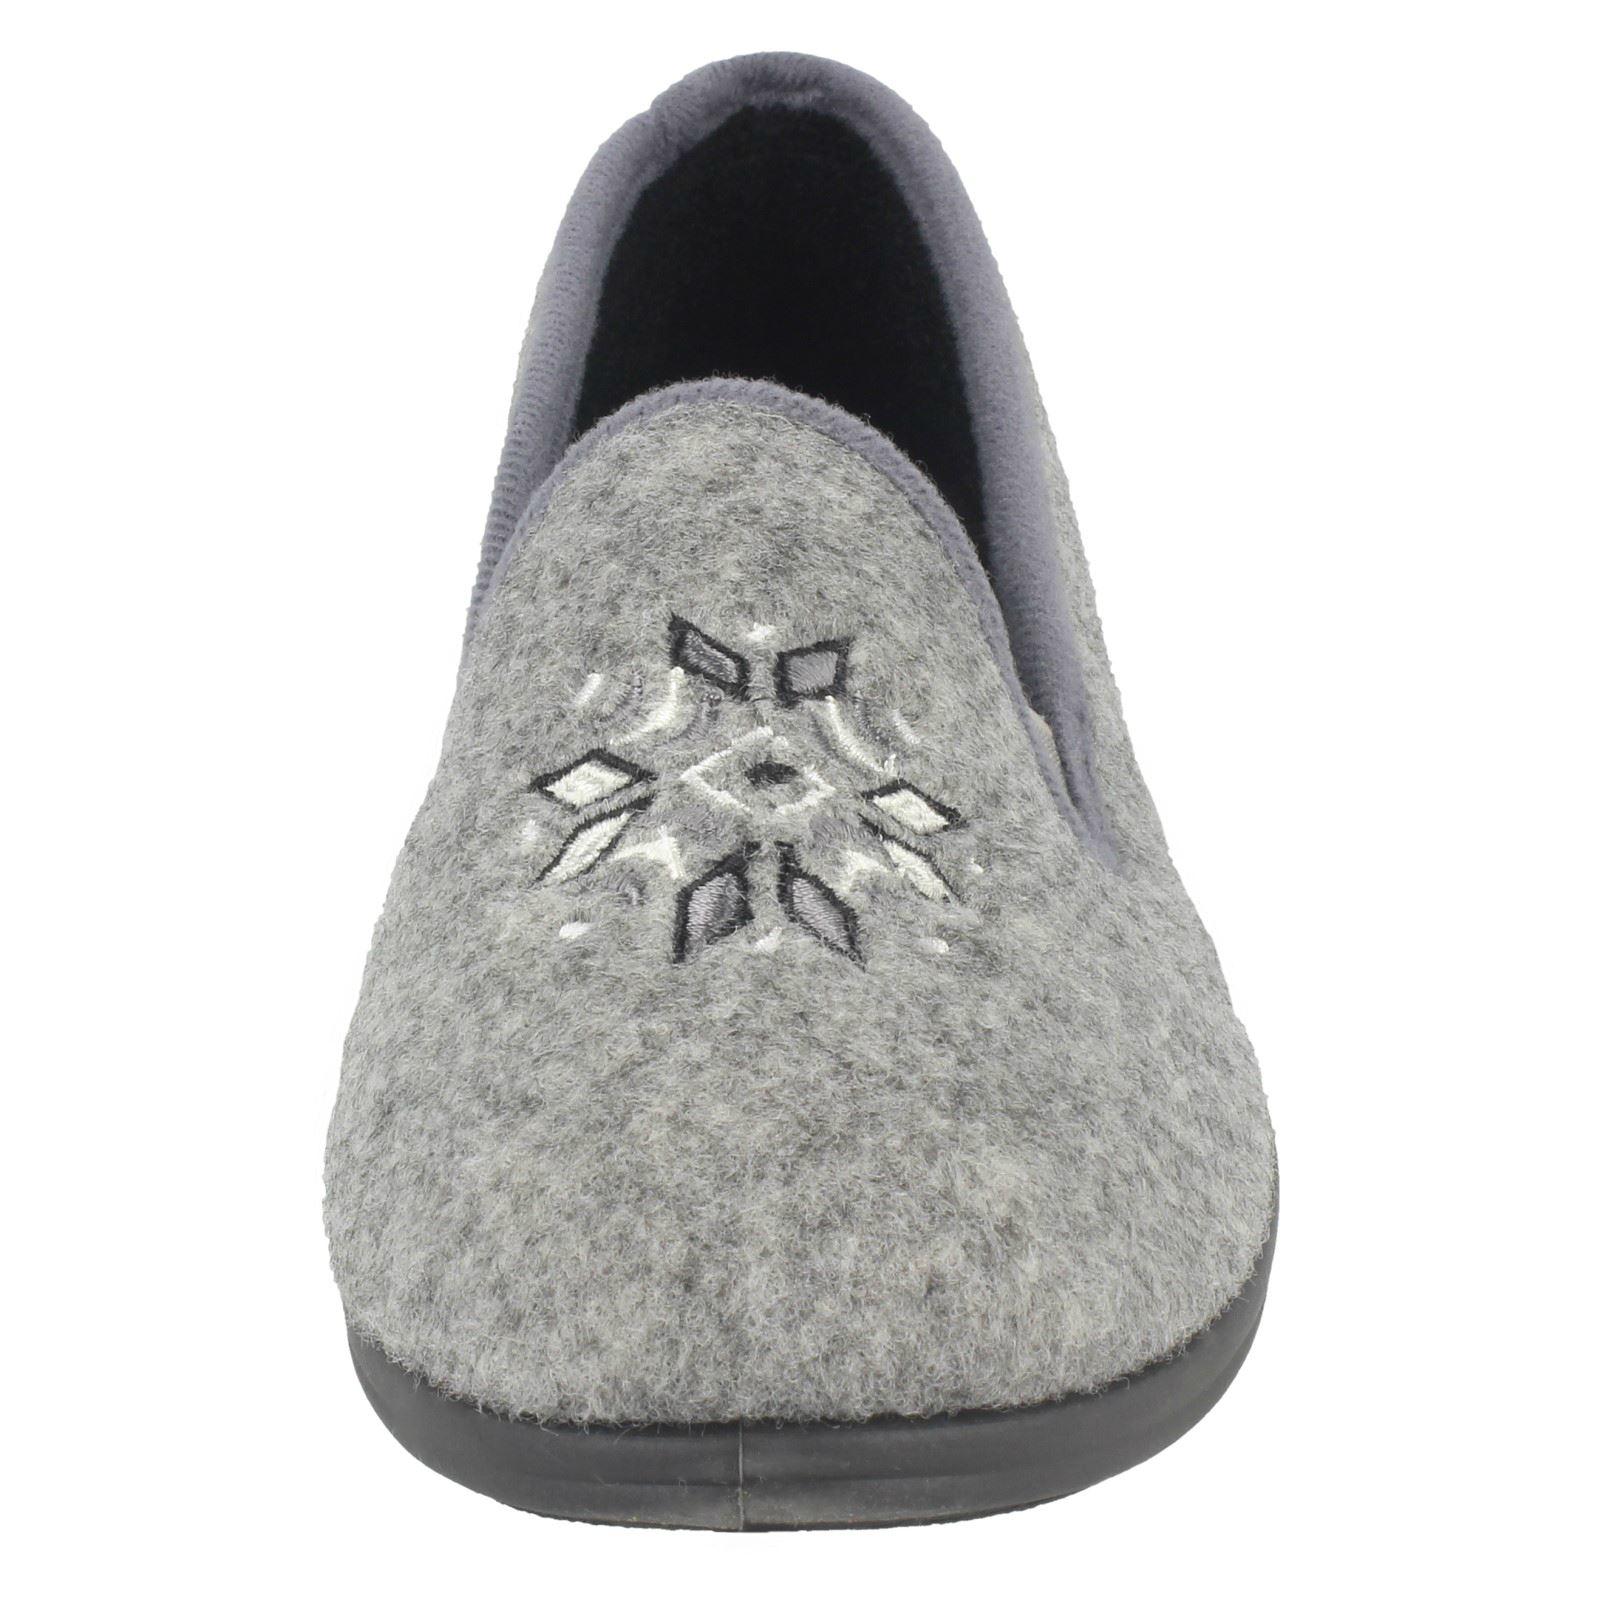 Femmes Clarks Pantoufles de flocons de neige détail Marsha Rose